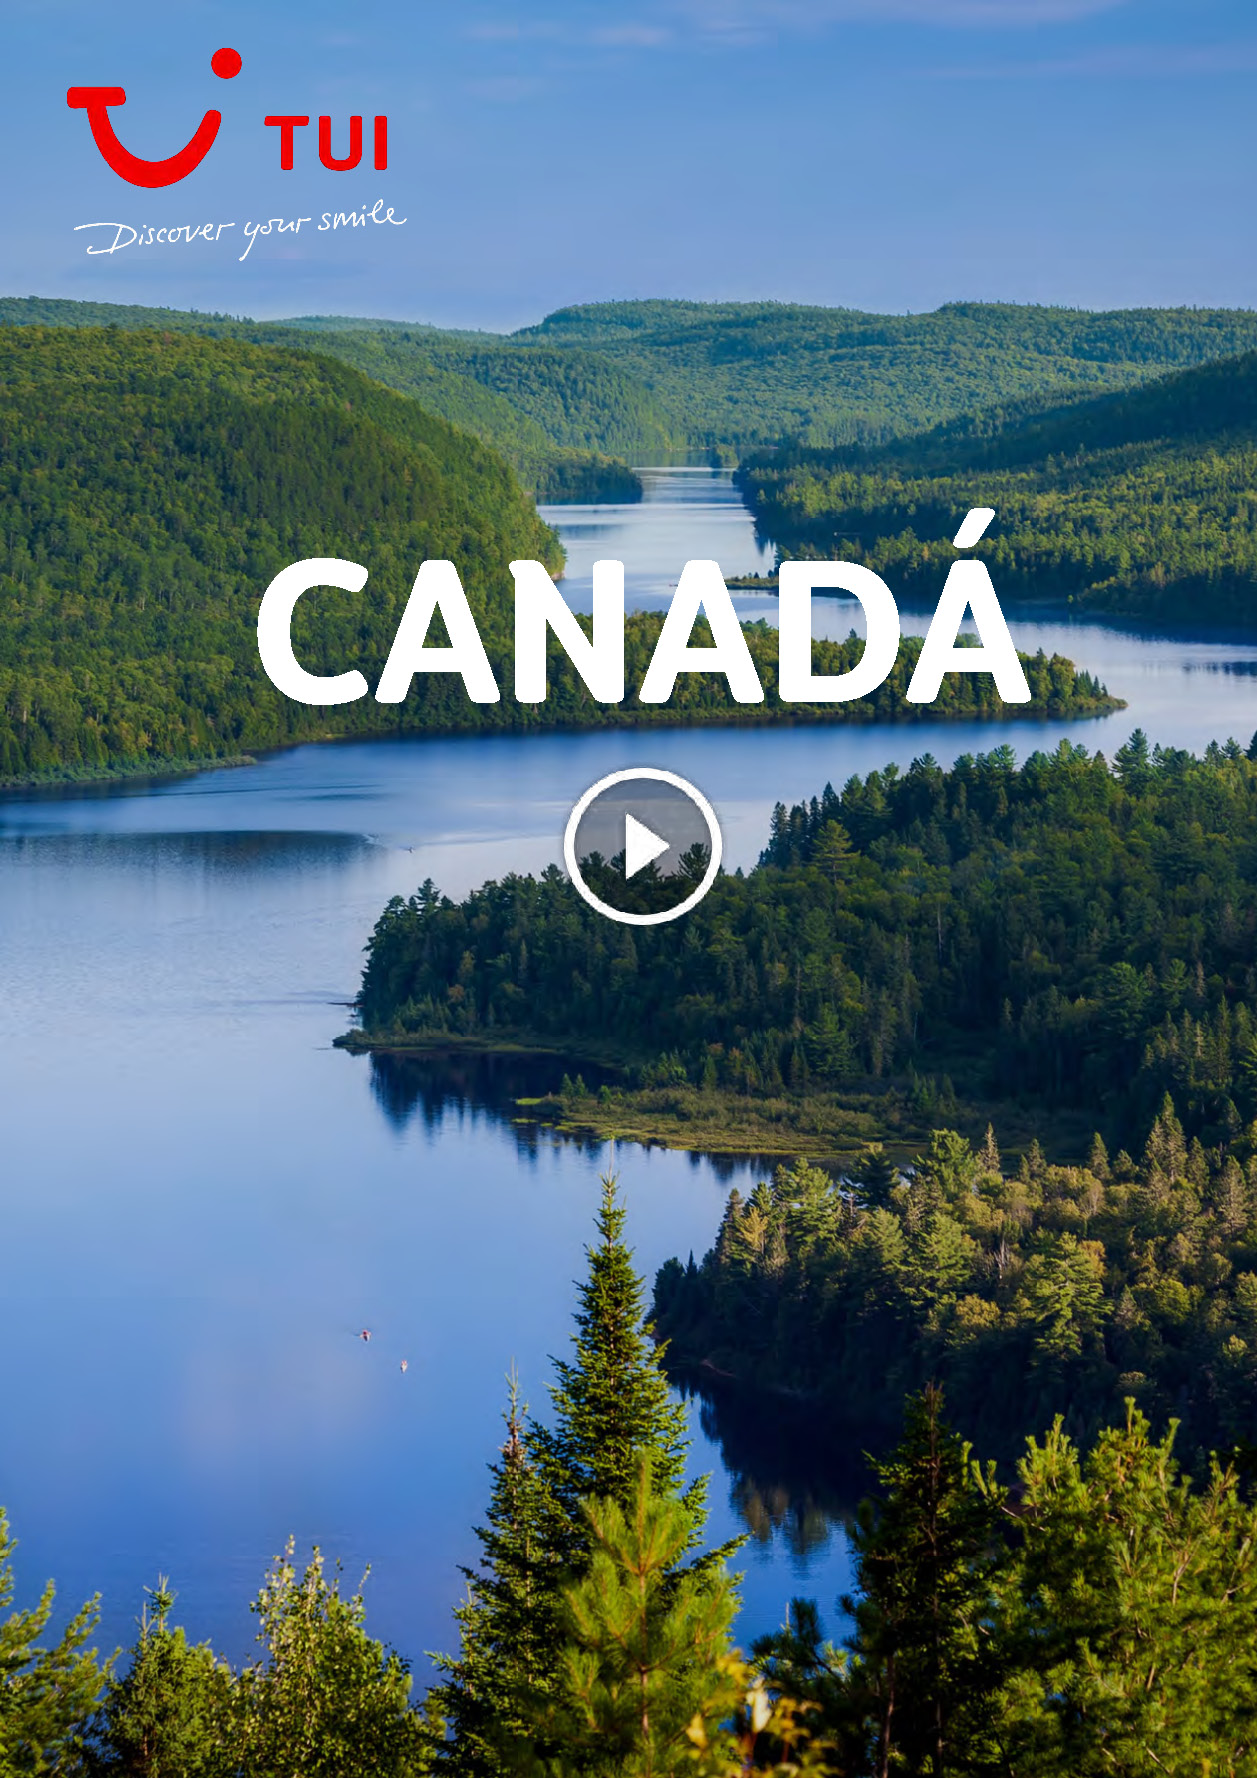 Video TUI Canada 13